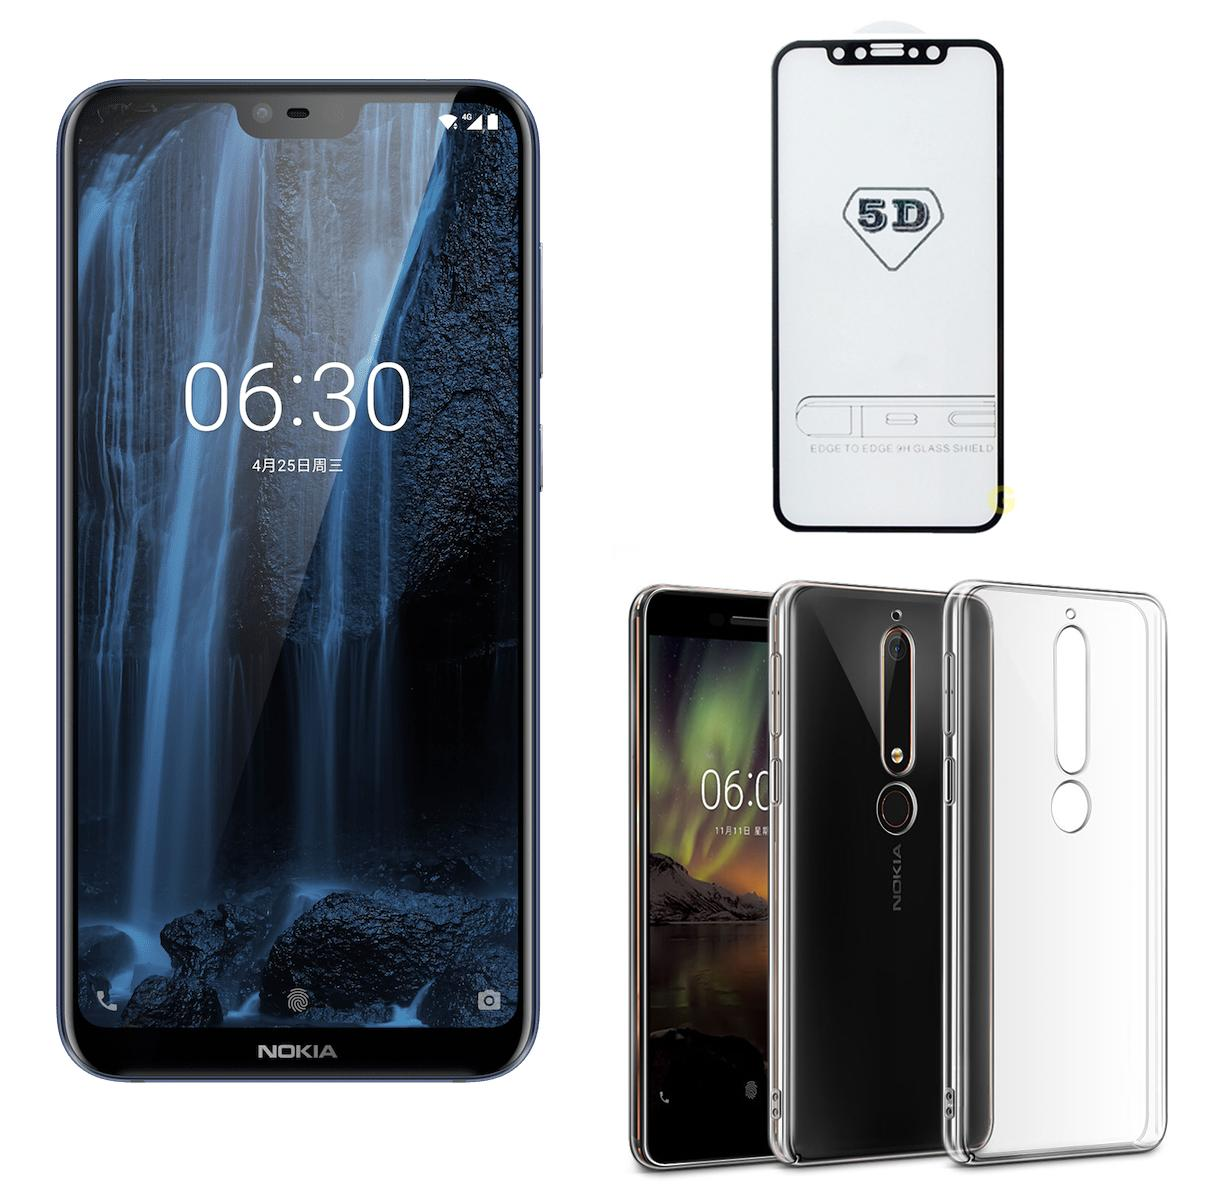 Nokia X6 64GB Ram 6GB (Đen) - ShopOnline24 + Cường lực 5D Full màn + Ốp lưng - Hàng nhập...